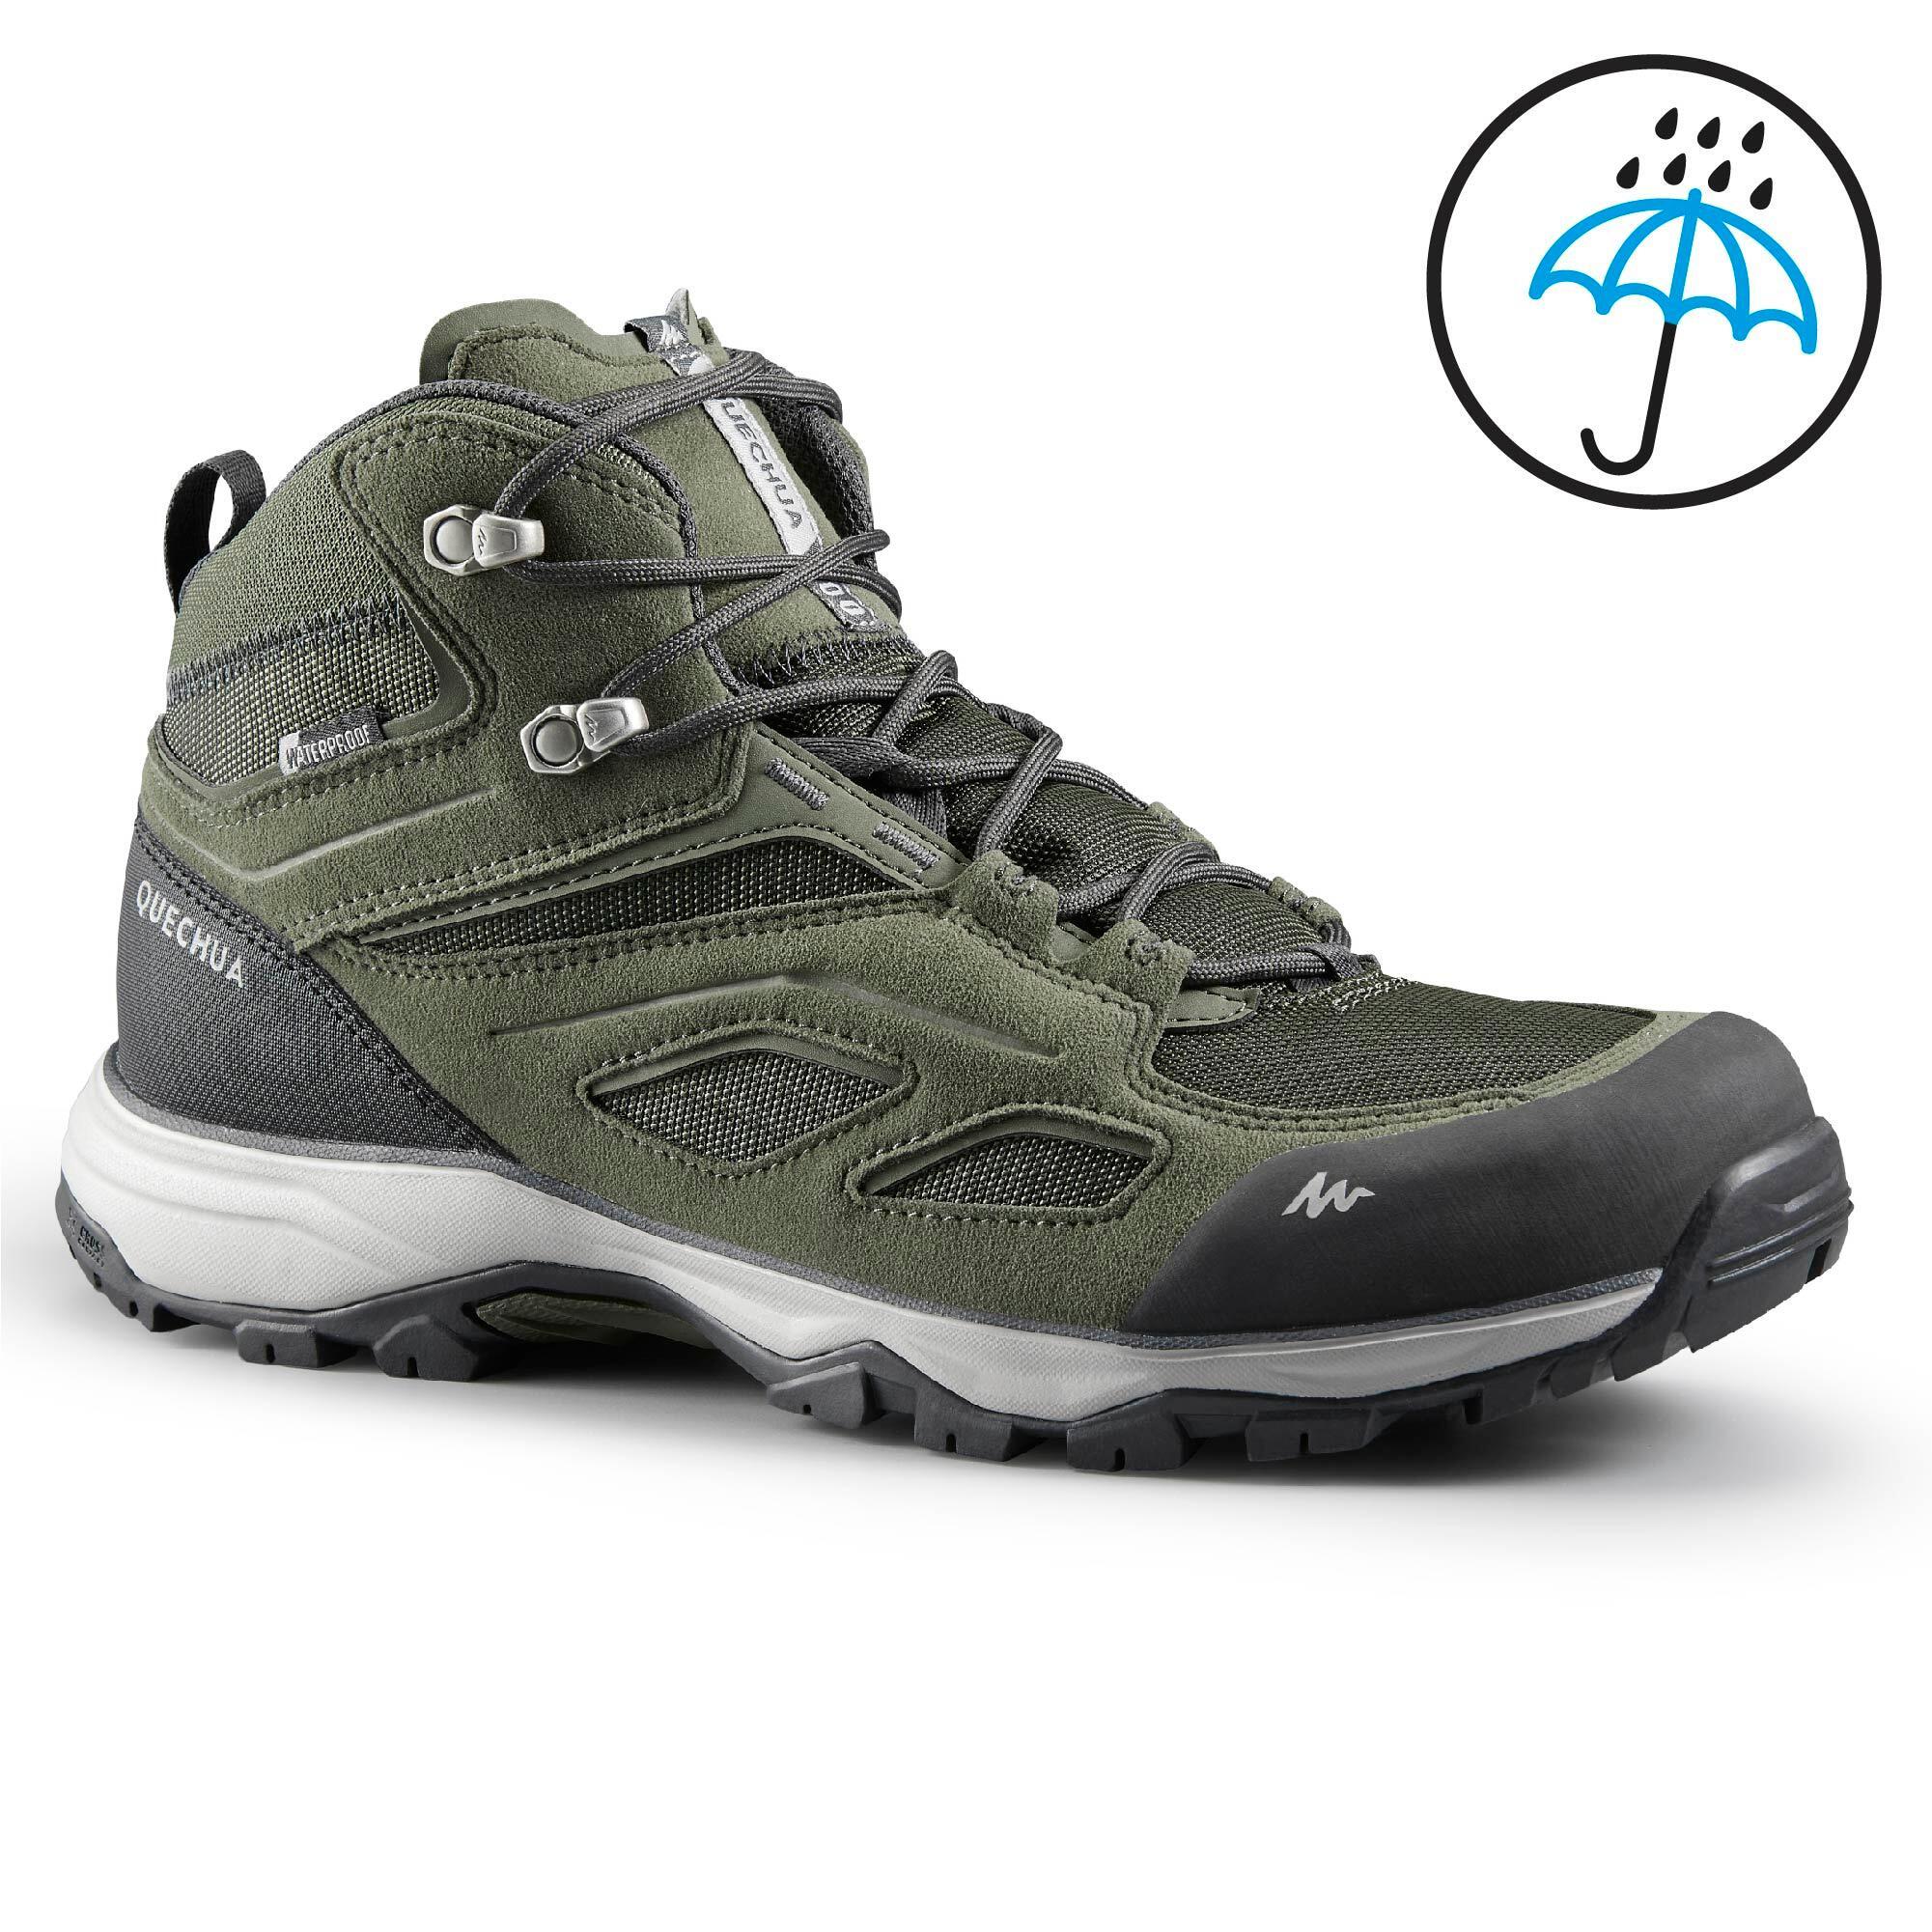 Quechua Hiking Shoes